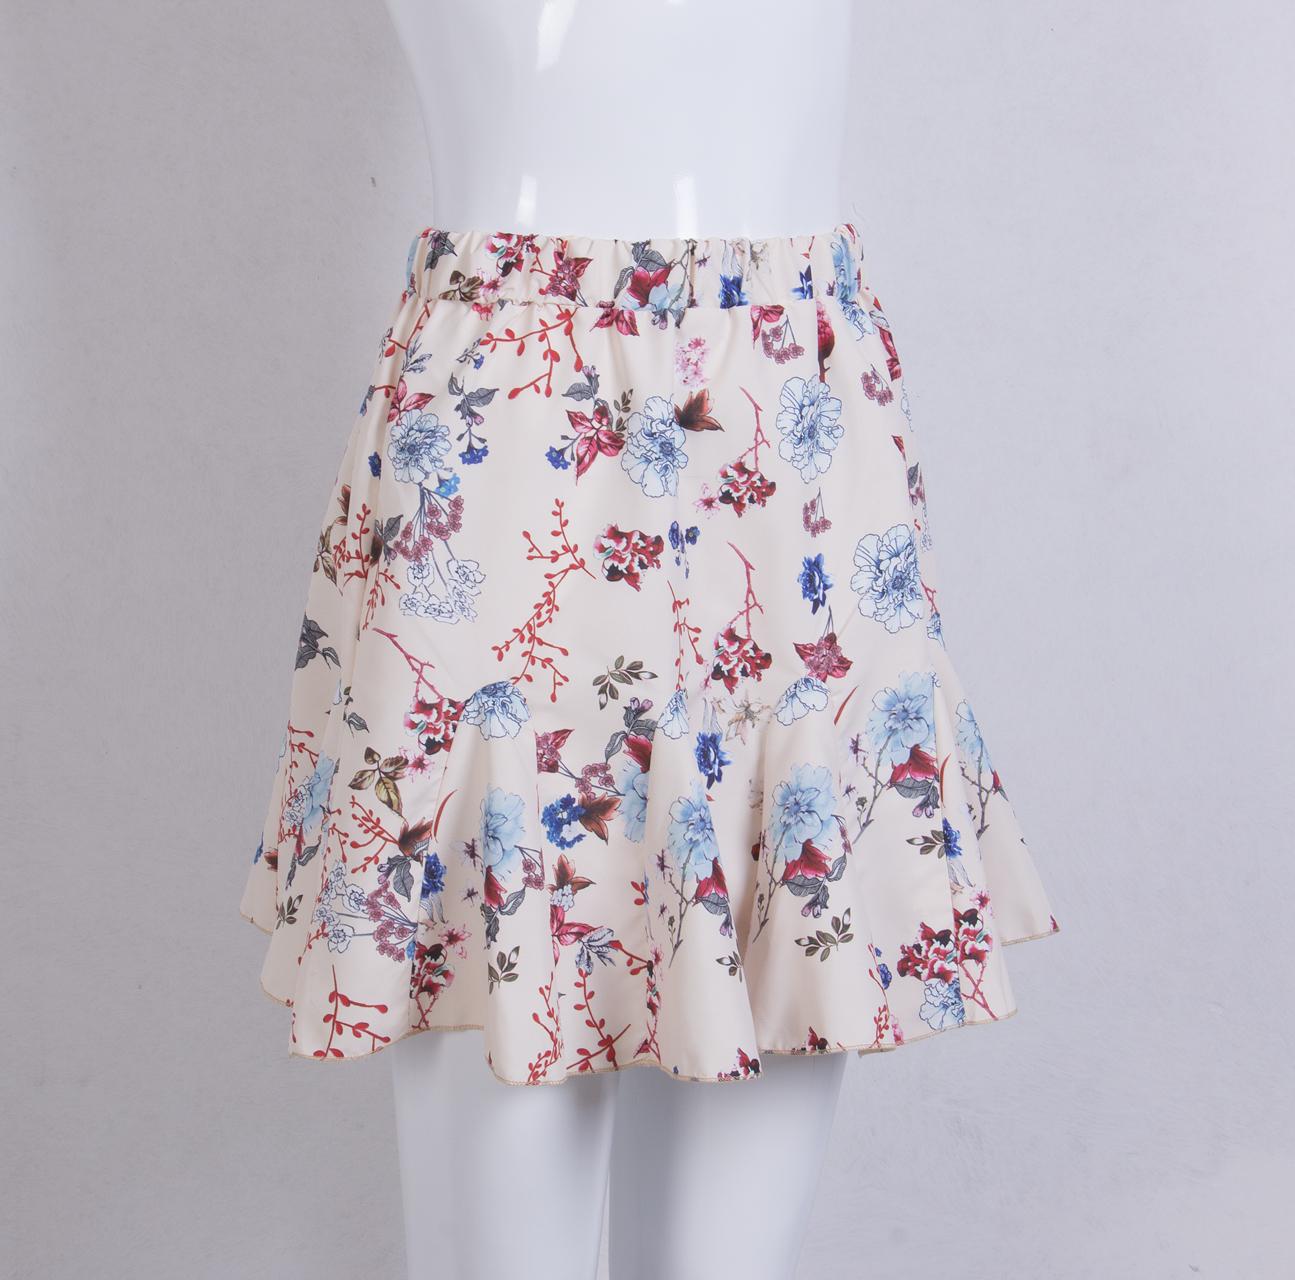 HTB1mztVSpXXXXamaVXXq6xXFXXXp - Women Floral Mini Skirt JKP090